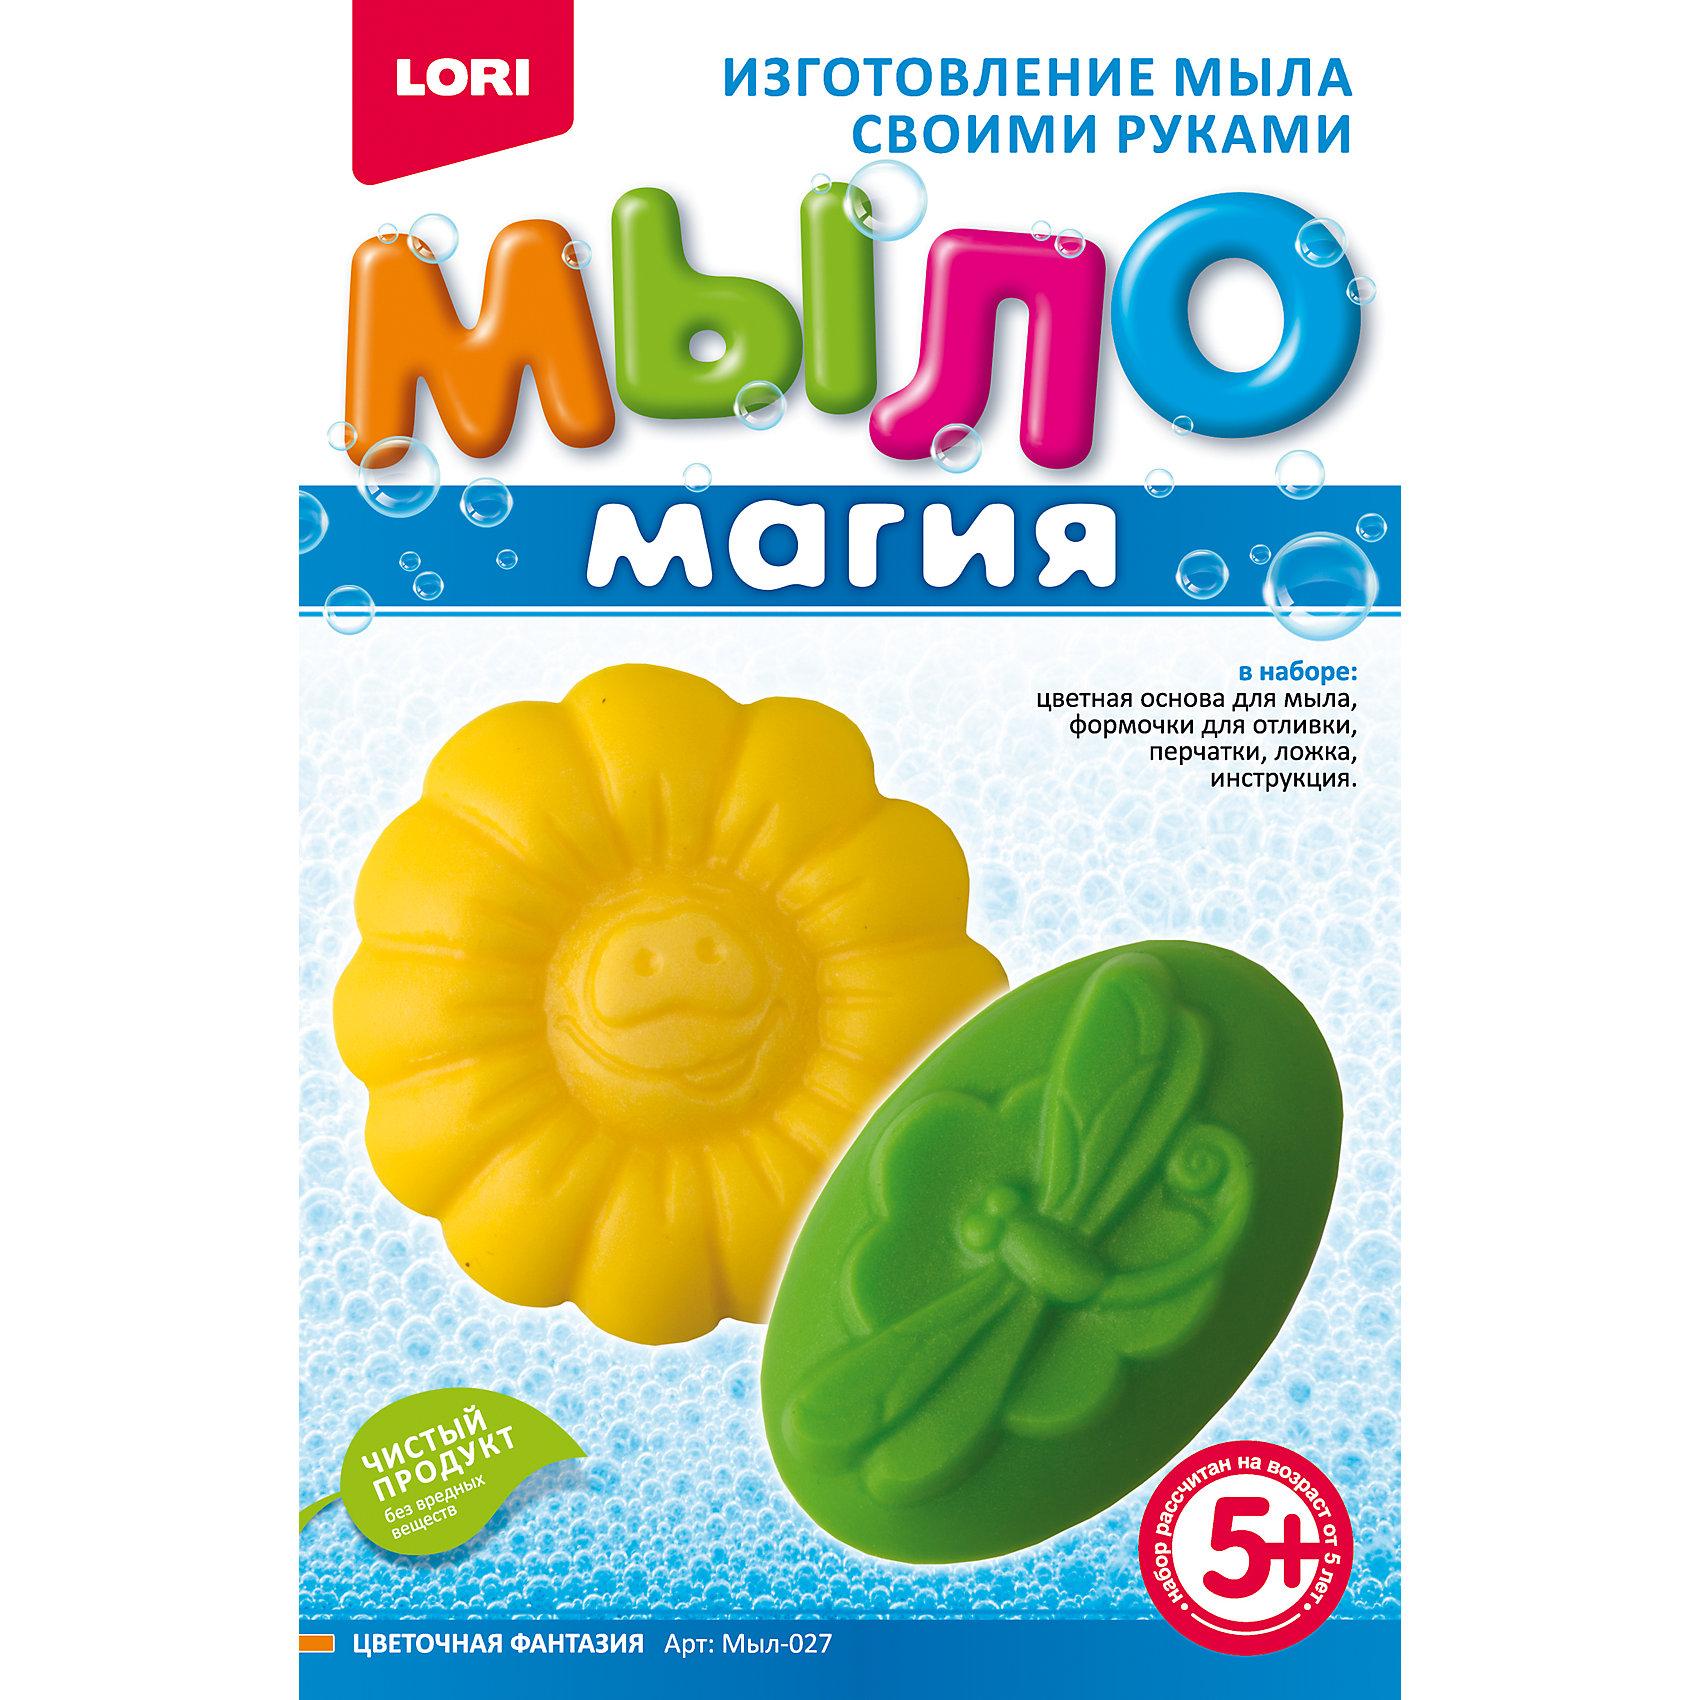 МылоМагия Цветочная фантазияСоздание мыла<br>Характеристики товара:<br><br>• цвет: разноцветный<br>• размер упаковки: 20х14х4 см<br>• вес: 160 г<br>• комплектация: основа для мыла, емкость для растапливания, 2 формы для заливки мыльного раствора, пищевой краситель, пипетка, перчатки, ложка инструкция<br>• возраст: от пяти лет<br>• страна бренда: РФ<br>• страна изготовитель: РФ<br><br>Этот набор для творчества станет отличным подарком ребенку - ведь с помощью него можно получить красивое мыло! В набор входит основа для мыла, емкость для растапливания, 2 формы для заливки мыльного раствора, пищевой краситель, пипетка, перчатки, ложка инструкция. Чтобы получить мыло, ребенку нужно следовать указаниям инструкции. В итоге получается полезная вещь или подарок родным.<br>Детям очень нравится что-то делать своими руками! Кроме того, творчество помогает детям развивать важные навыки и способности, оно активизирует мышление, формирует усидчивость, творческие способности, мелкую моторику и воображение. Изделие производится из качественных и проверенных материалов, которые безопасны для детей.<br><br>Набор МылоМагия Цветочная фантазия от бренда LORI можно купить в нашем интернет-магазине.<br><br>Ширина мм: 208<br>Глубина мм: 135<br>Высота мм: 40<br>Вес г: 163<br>Возраст от месяцев: 60<br>Возраст до месяцев: 108<br>Пол: Женский<br>Возраст: Детский<br>SKU: 5154890